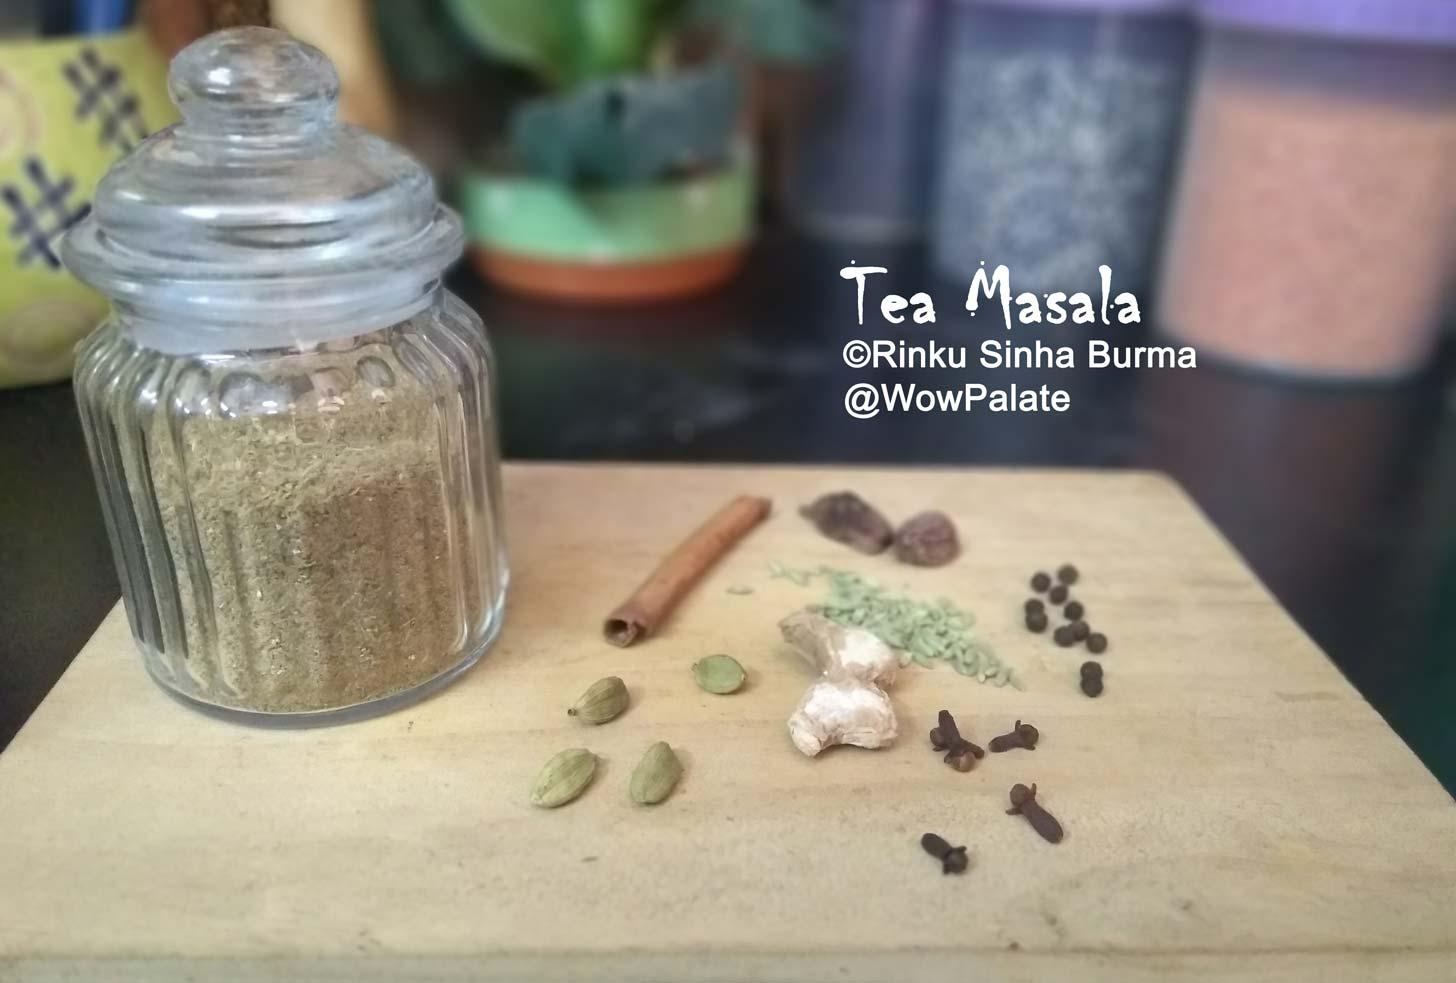 Tea Masala (Chai Masala)